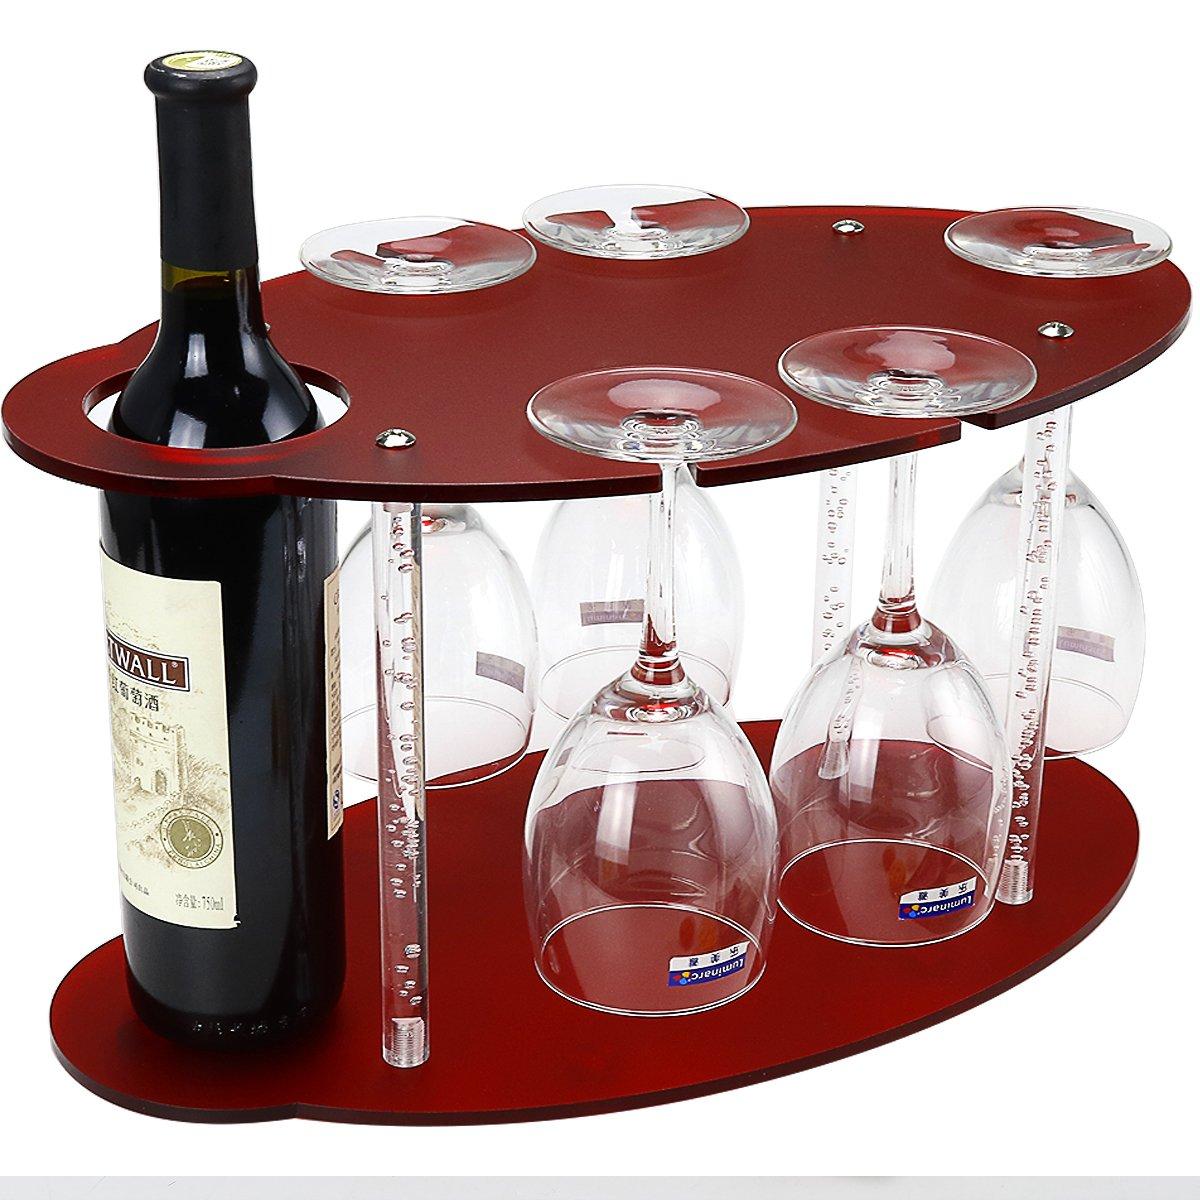 Cheap Wine Glass Racks For Bars Find Wine Glass Racks For Bars